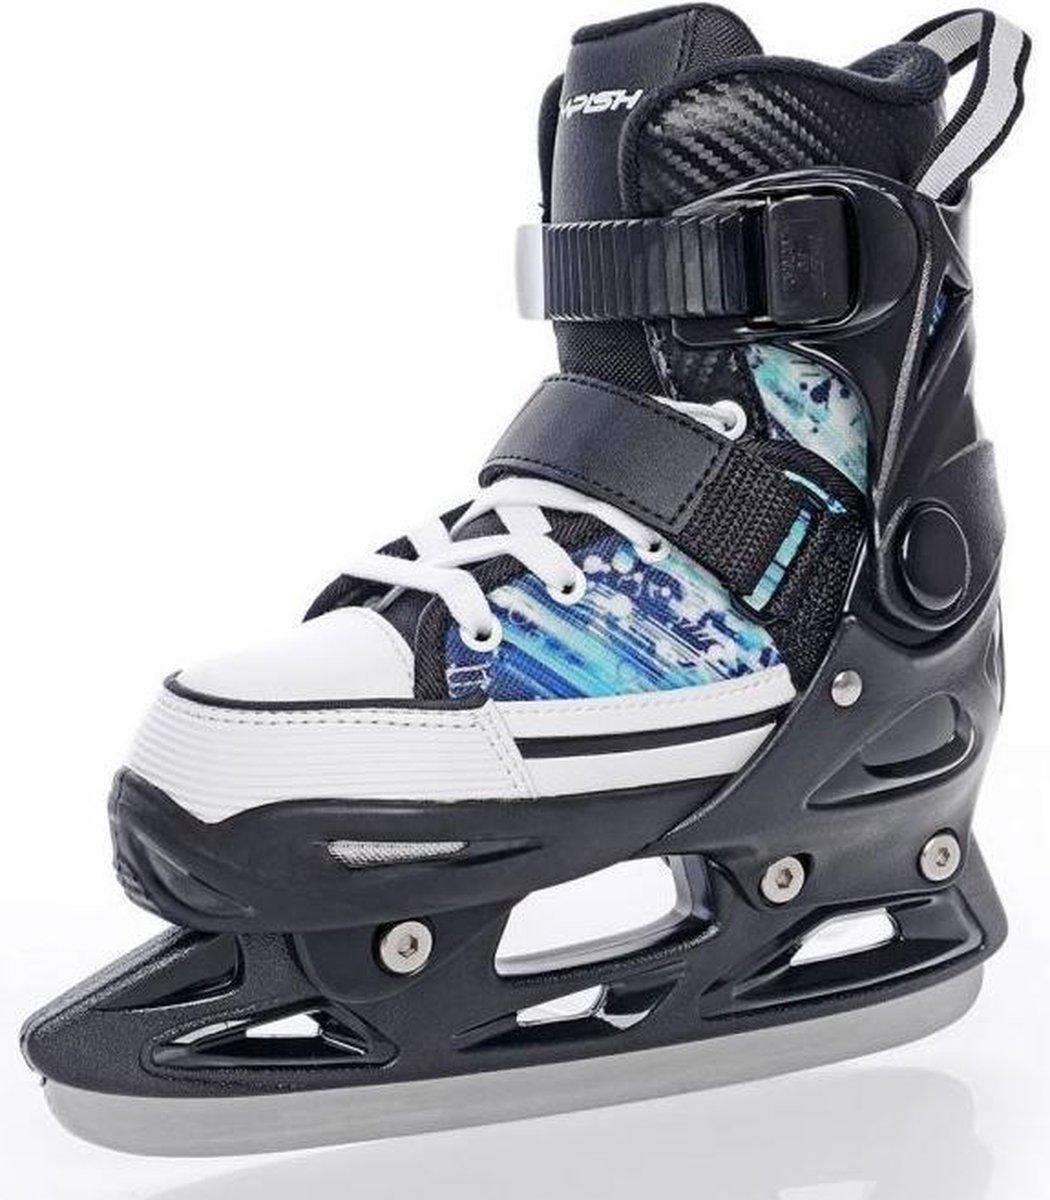 Tempish - Rebel ice one pro boy - Verstelbare schaatsen - Maat 37-40